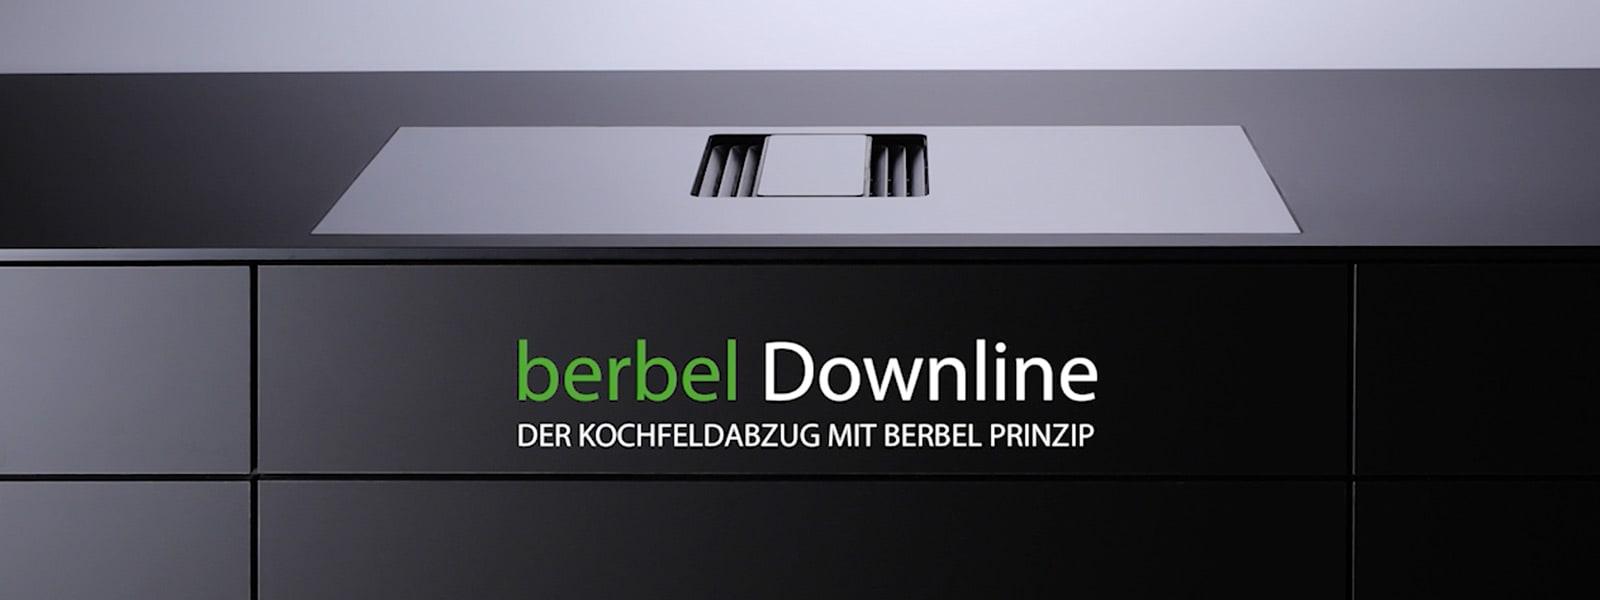 Kochfeldabzug Downline Berbel Ablufttechnik Gmbh